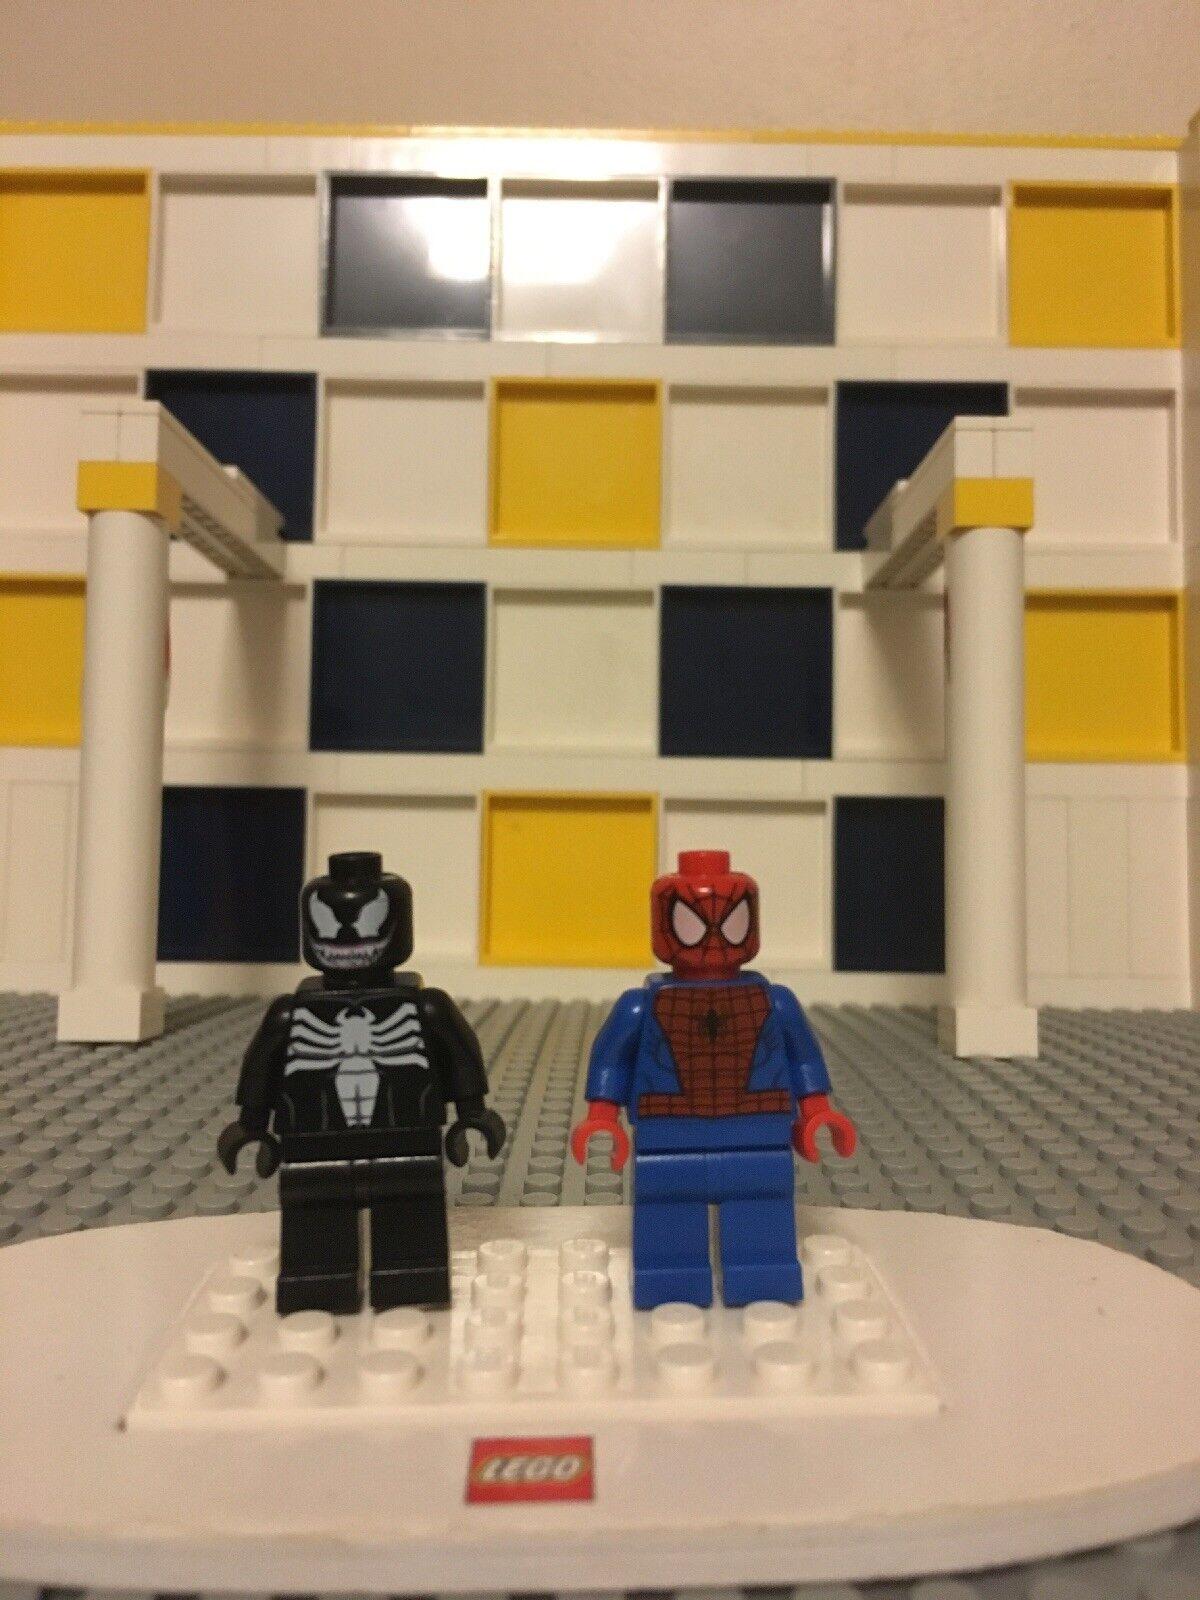 LEGO LEGO LEGO Super Heros - Rare Original - Venom Spiderman minifigures marvel - A2 9f9c6d